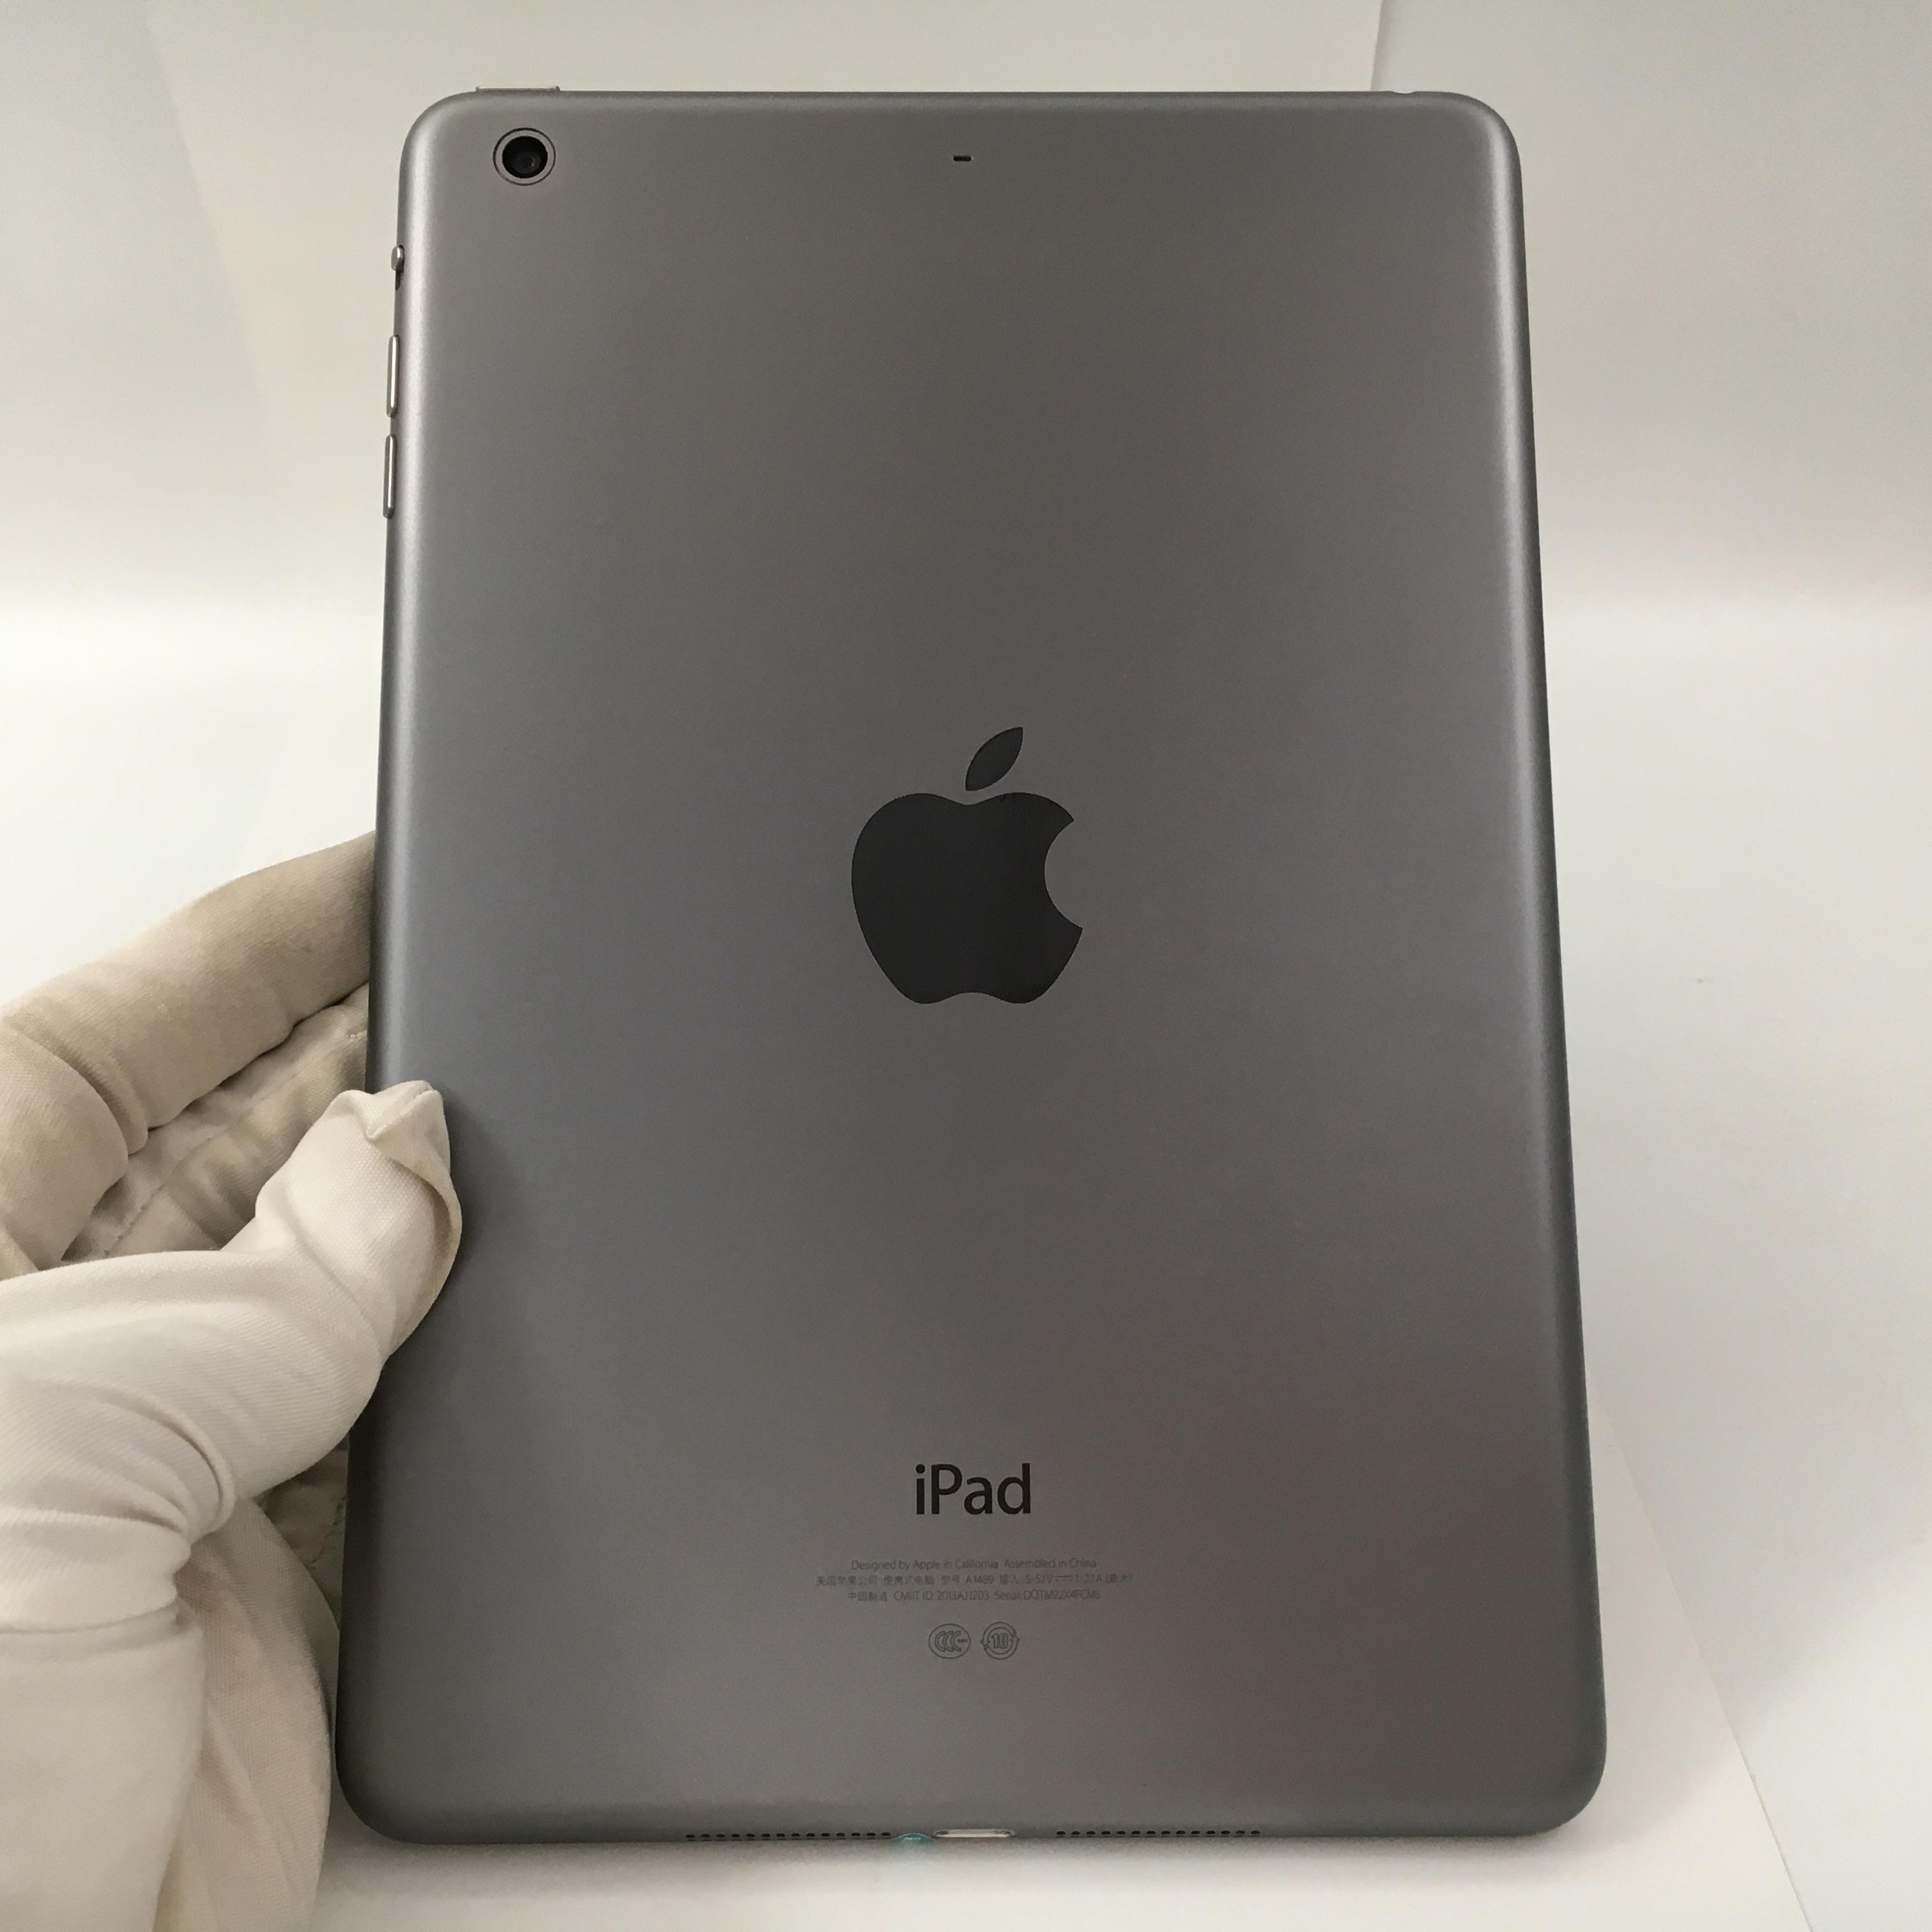 苹果【iPad Mini 2】WIFI版 深空灰 16G 国行 8成新